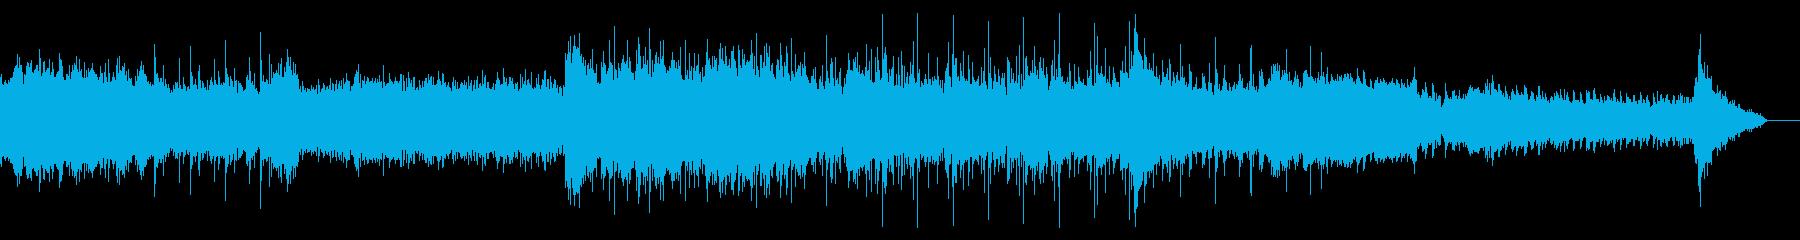 シネマティックなサウンドスケープの再生済みの波形